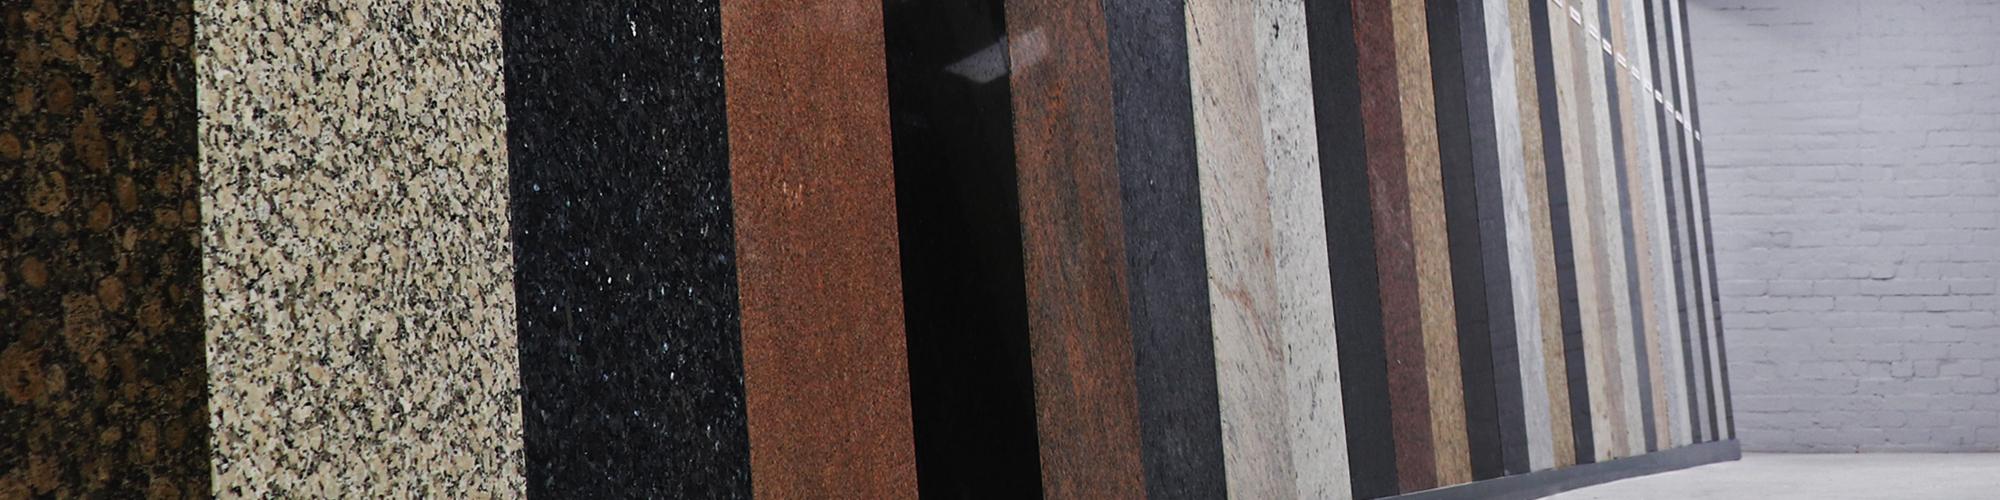 Granite worktopms, quartz worktops, granite countertops, quartz countertops